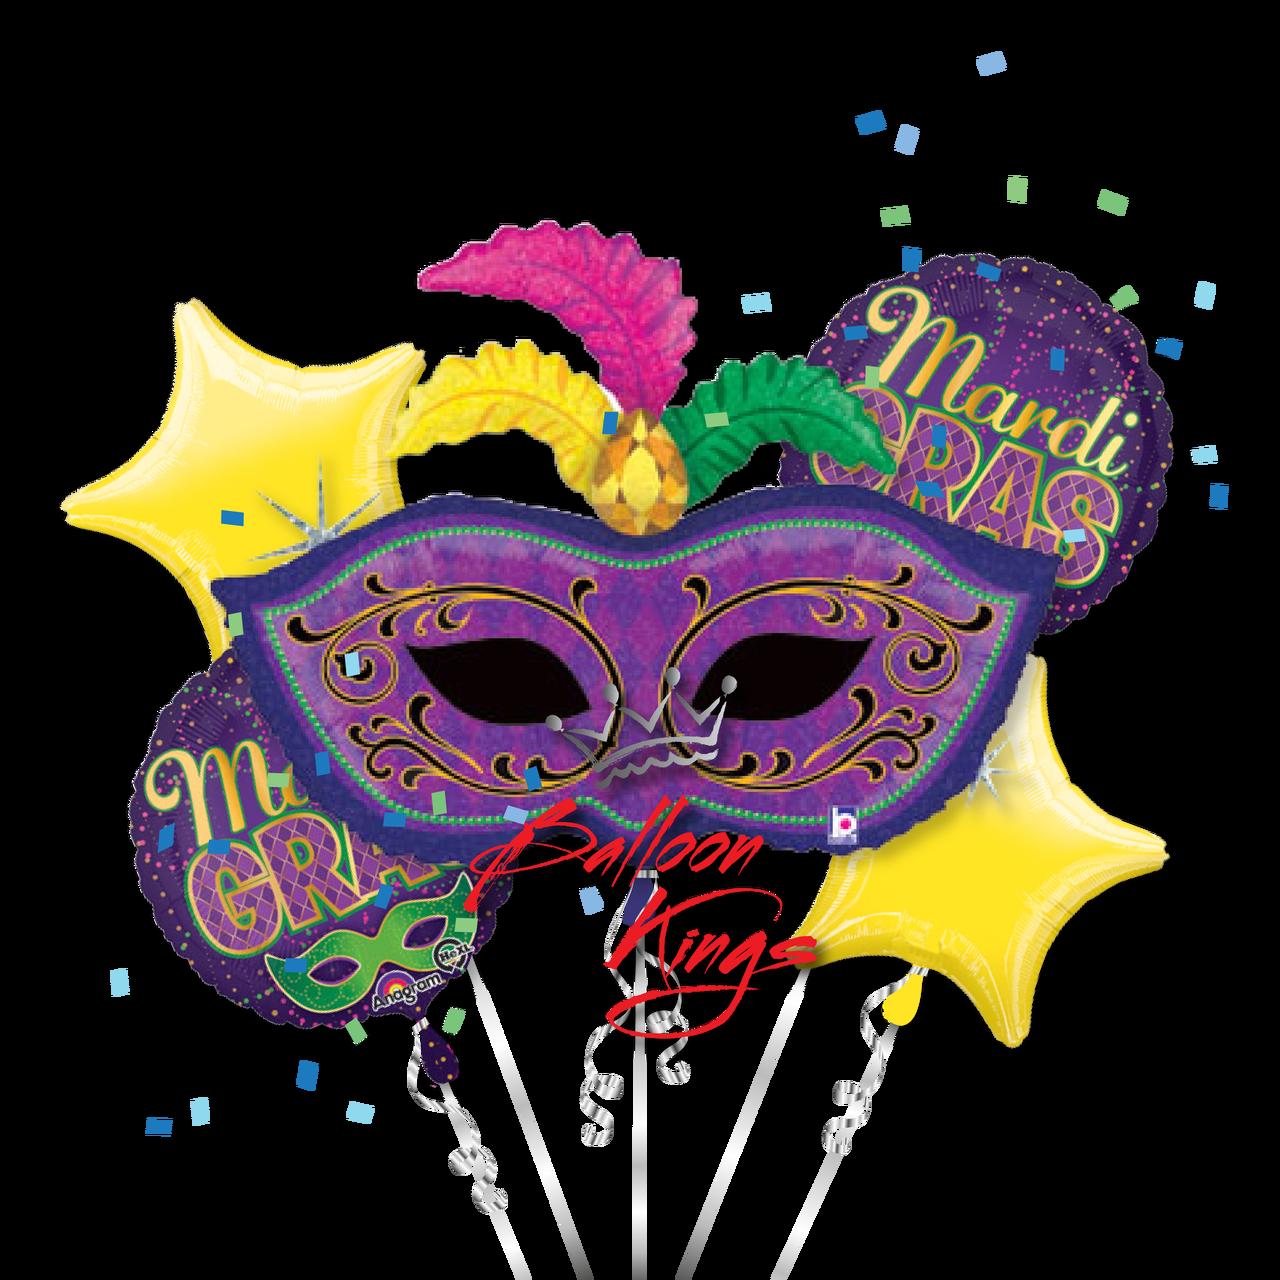 Mardis gras crown clipart vector transparent Mardi Gras Mask (49+) vector transparent